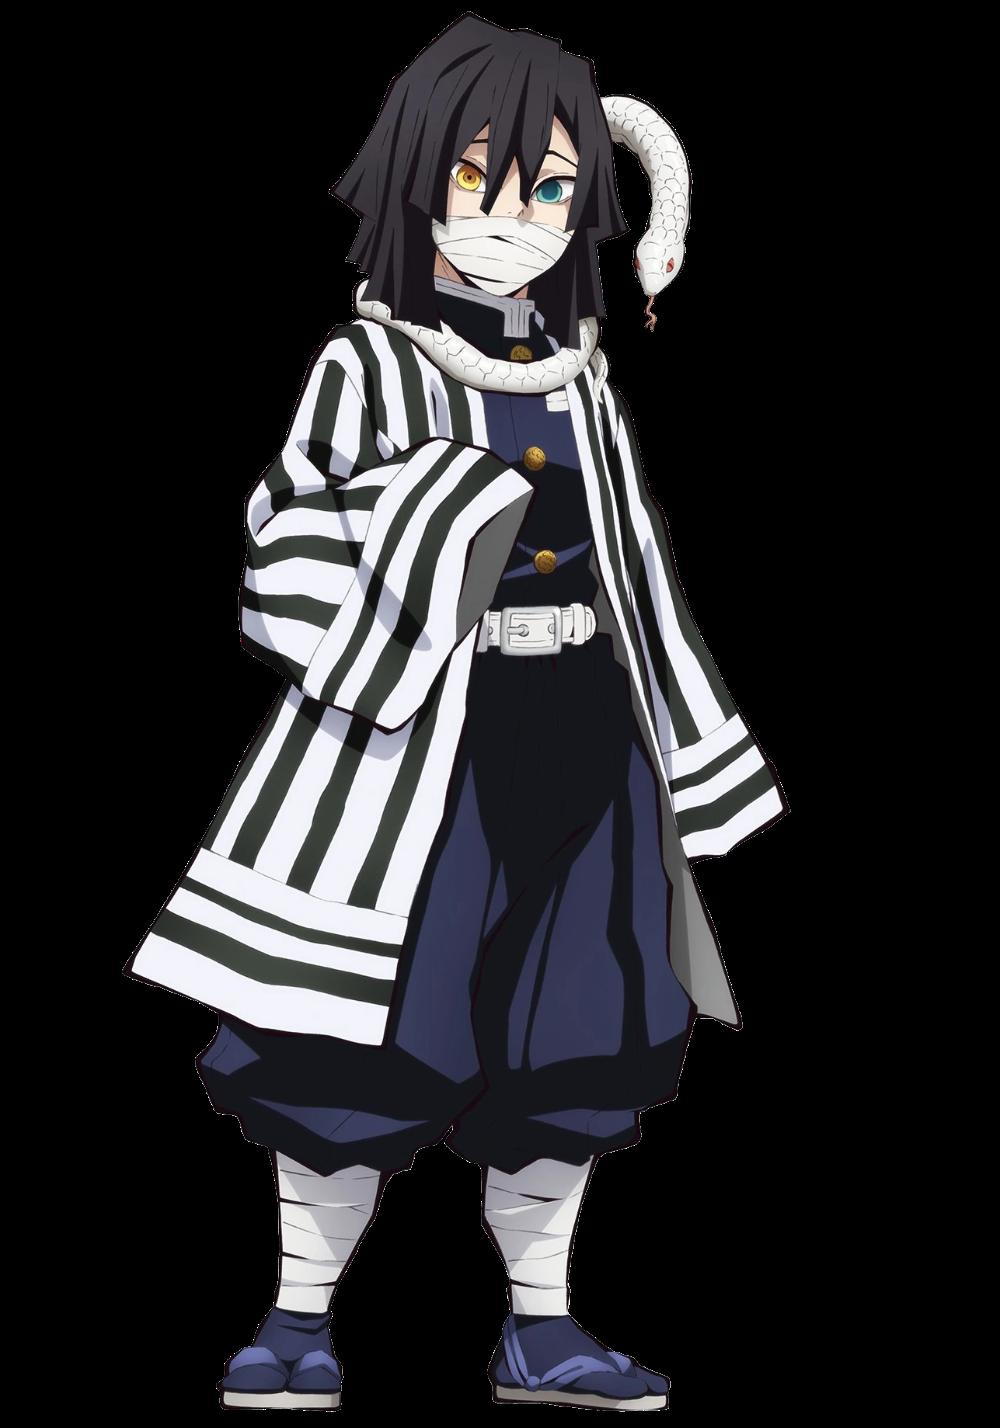 Obanai Iguro Kimetsu No Yaiba Wikia Anime Demon Slayer Demon